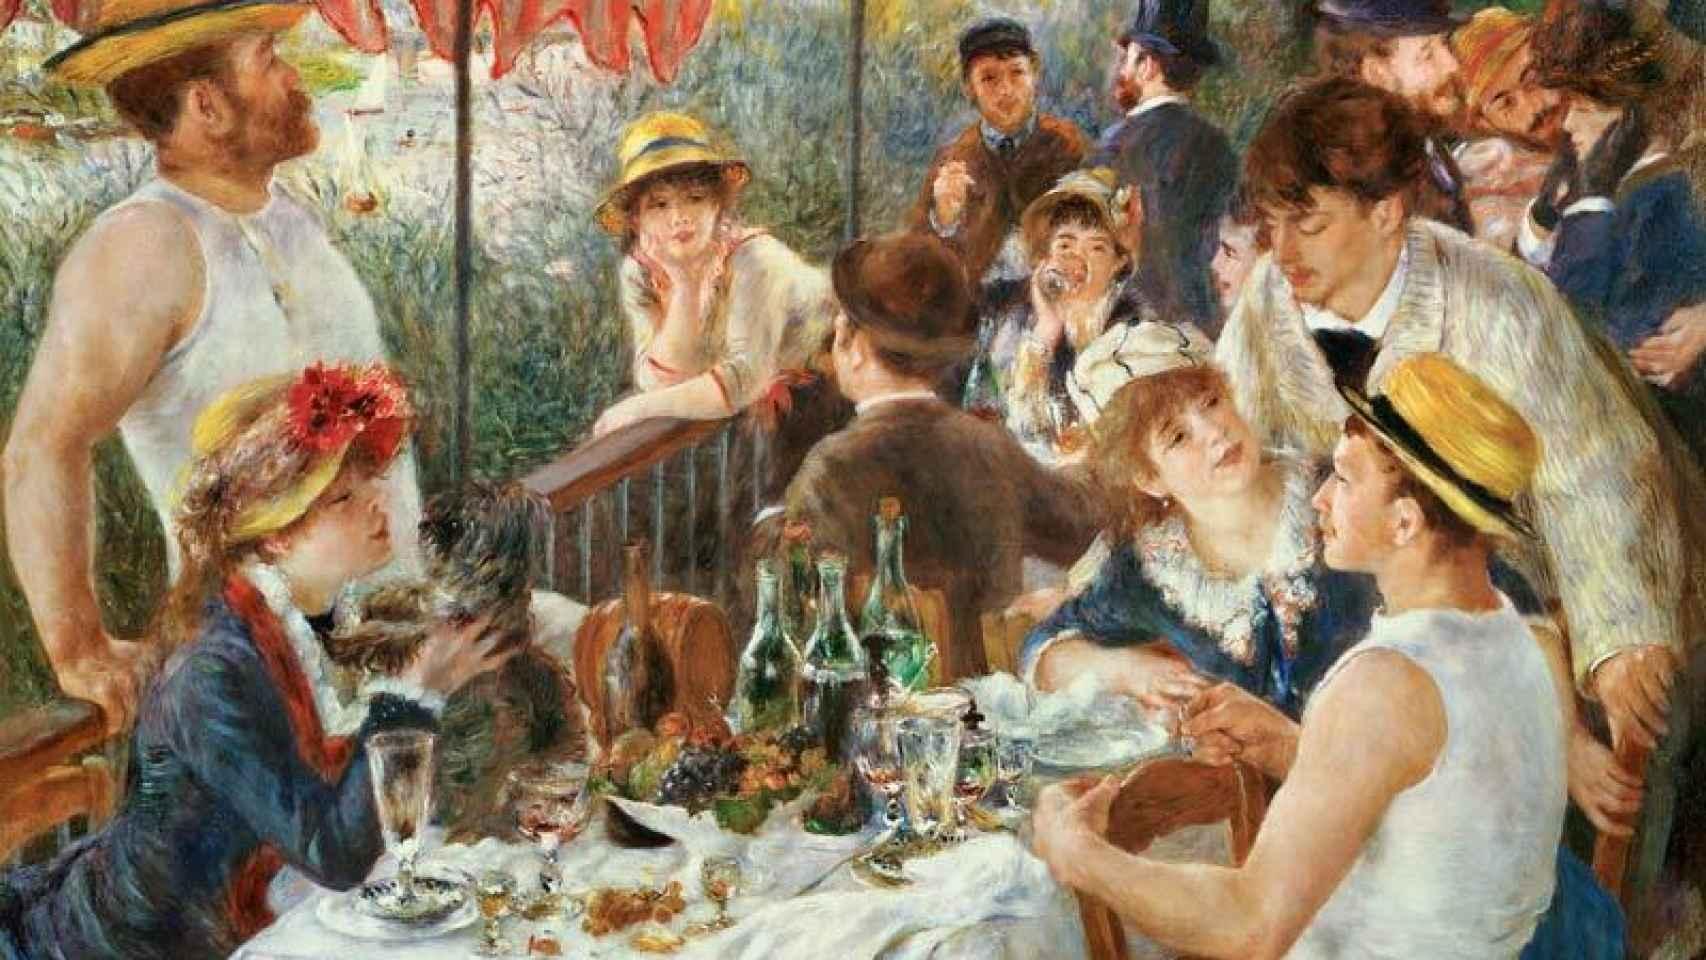 El almuerzo de los remeros. Pierre-Auguste Renoir, 1881